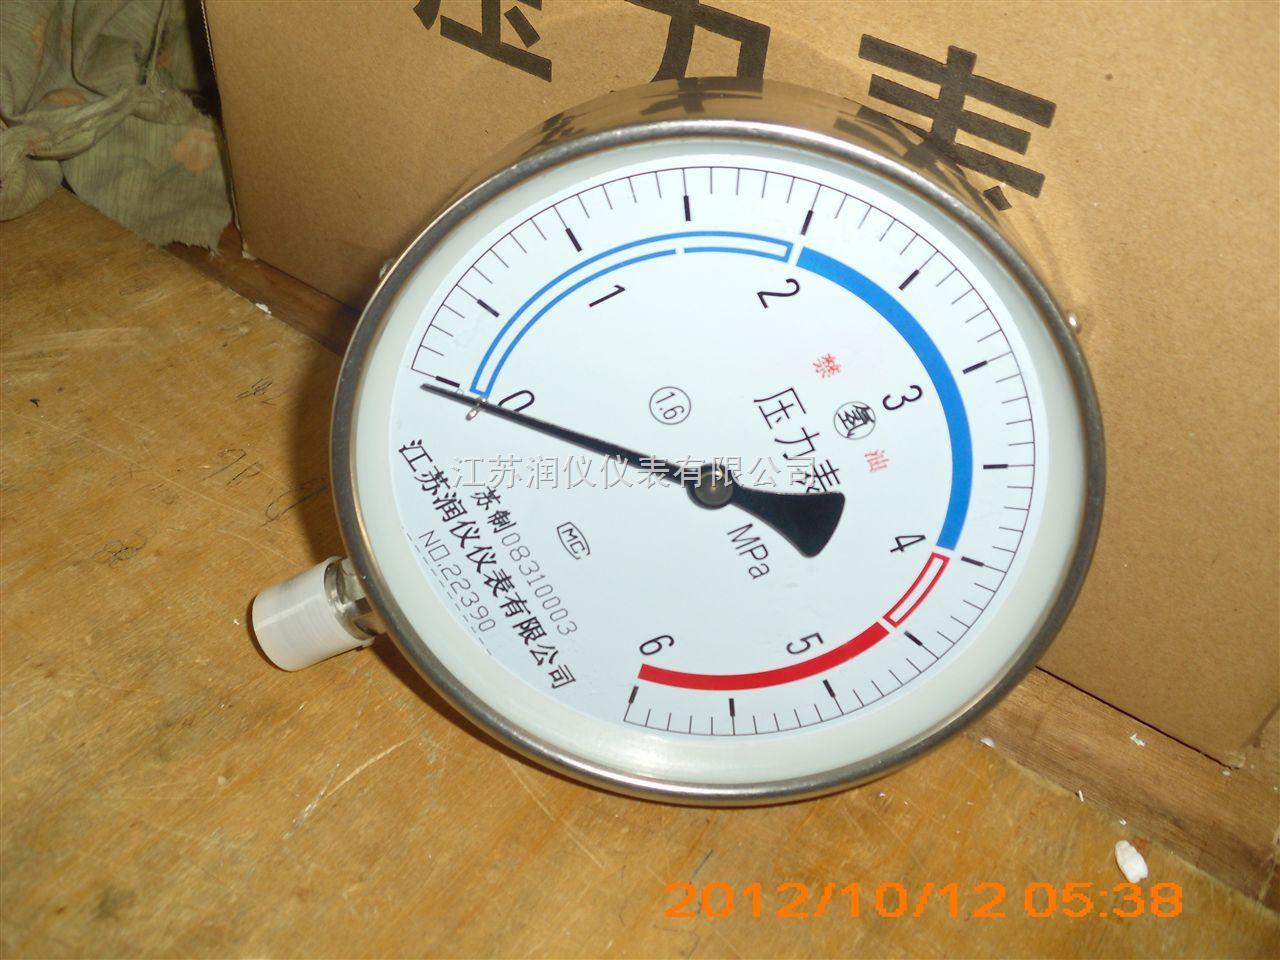 变频与传动 (老分类) 电机传动 其它电机传动 yq100 氢气压力表